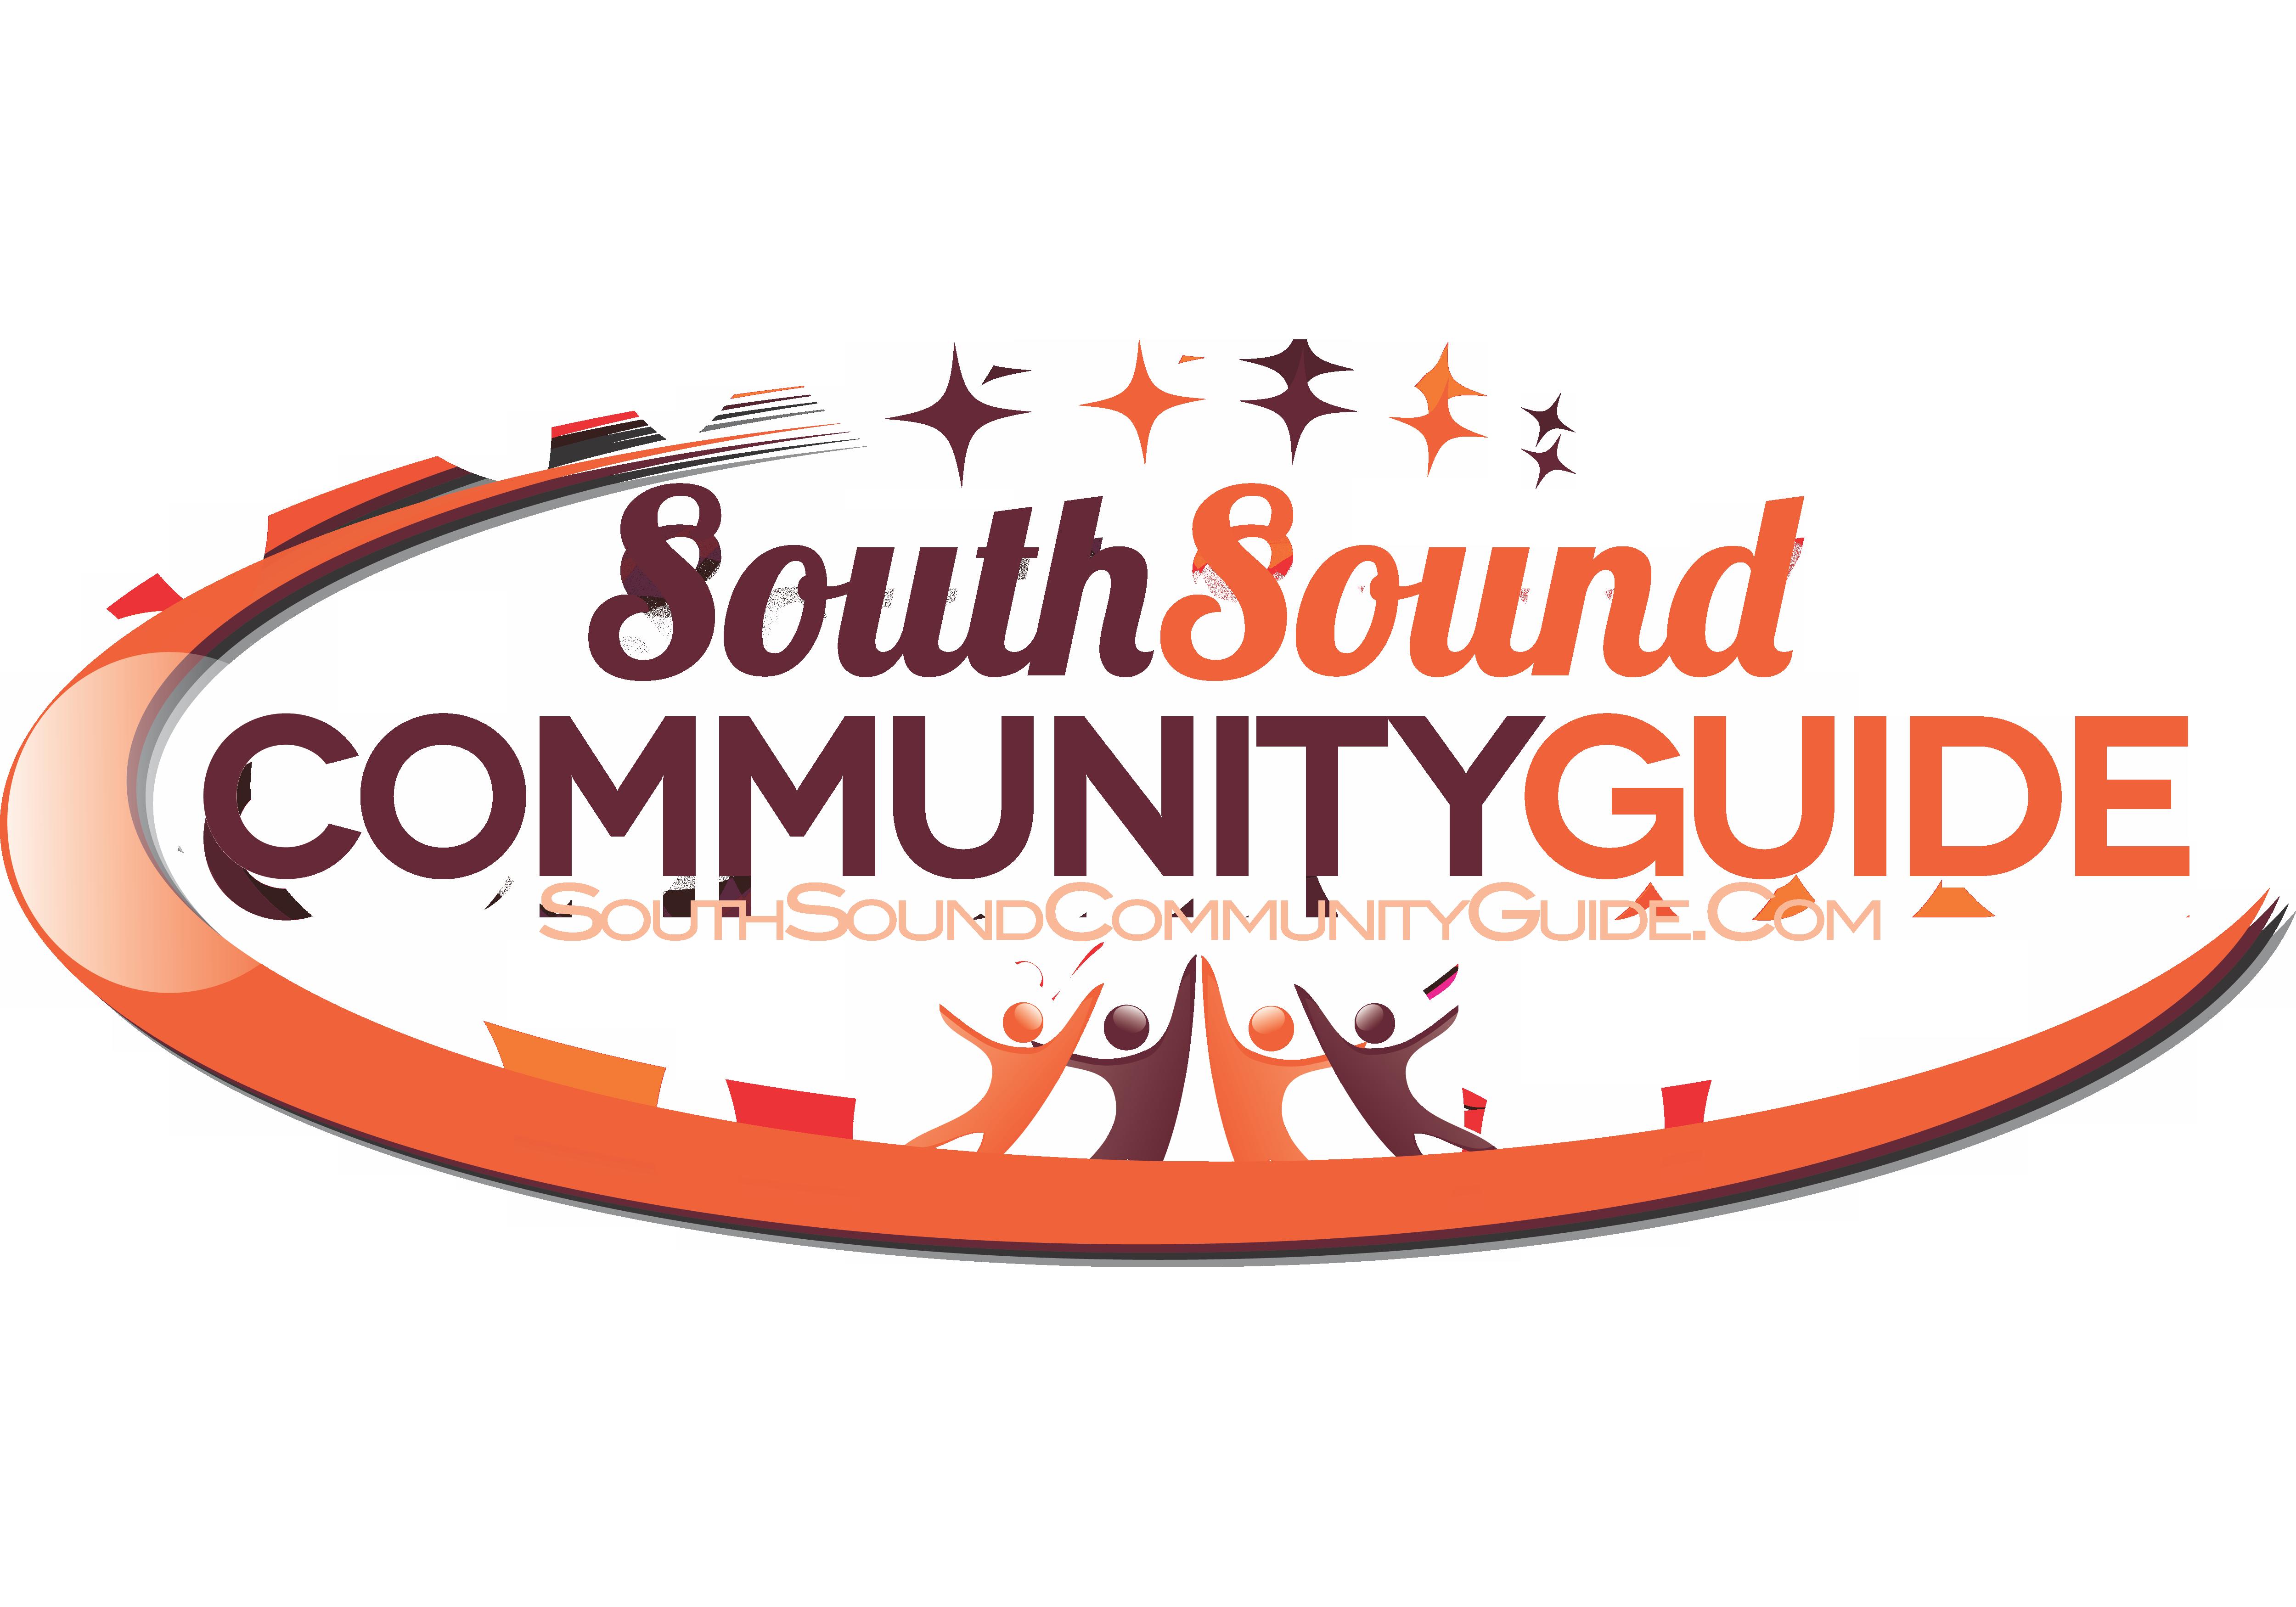 SouthSoundCommunityGuide.com